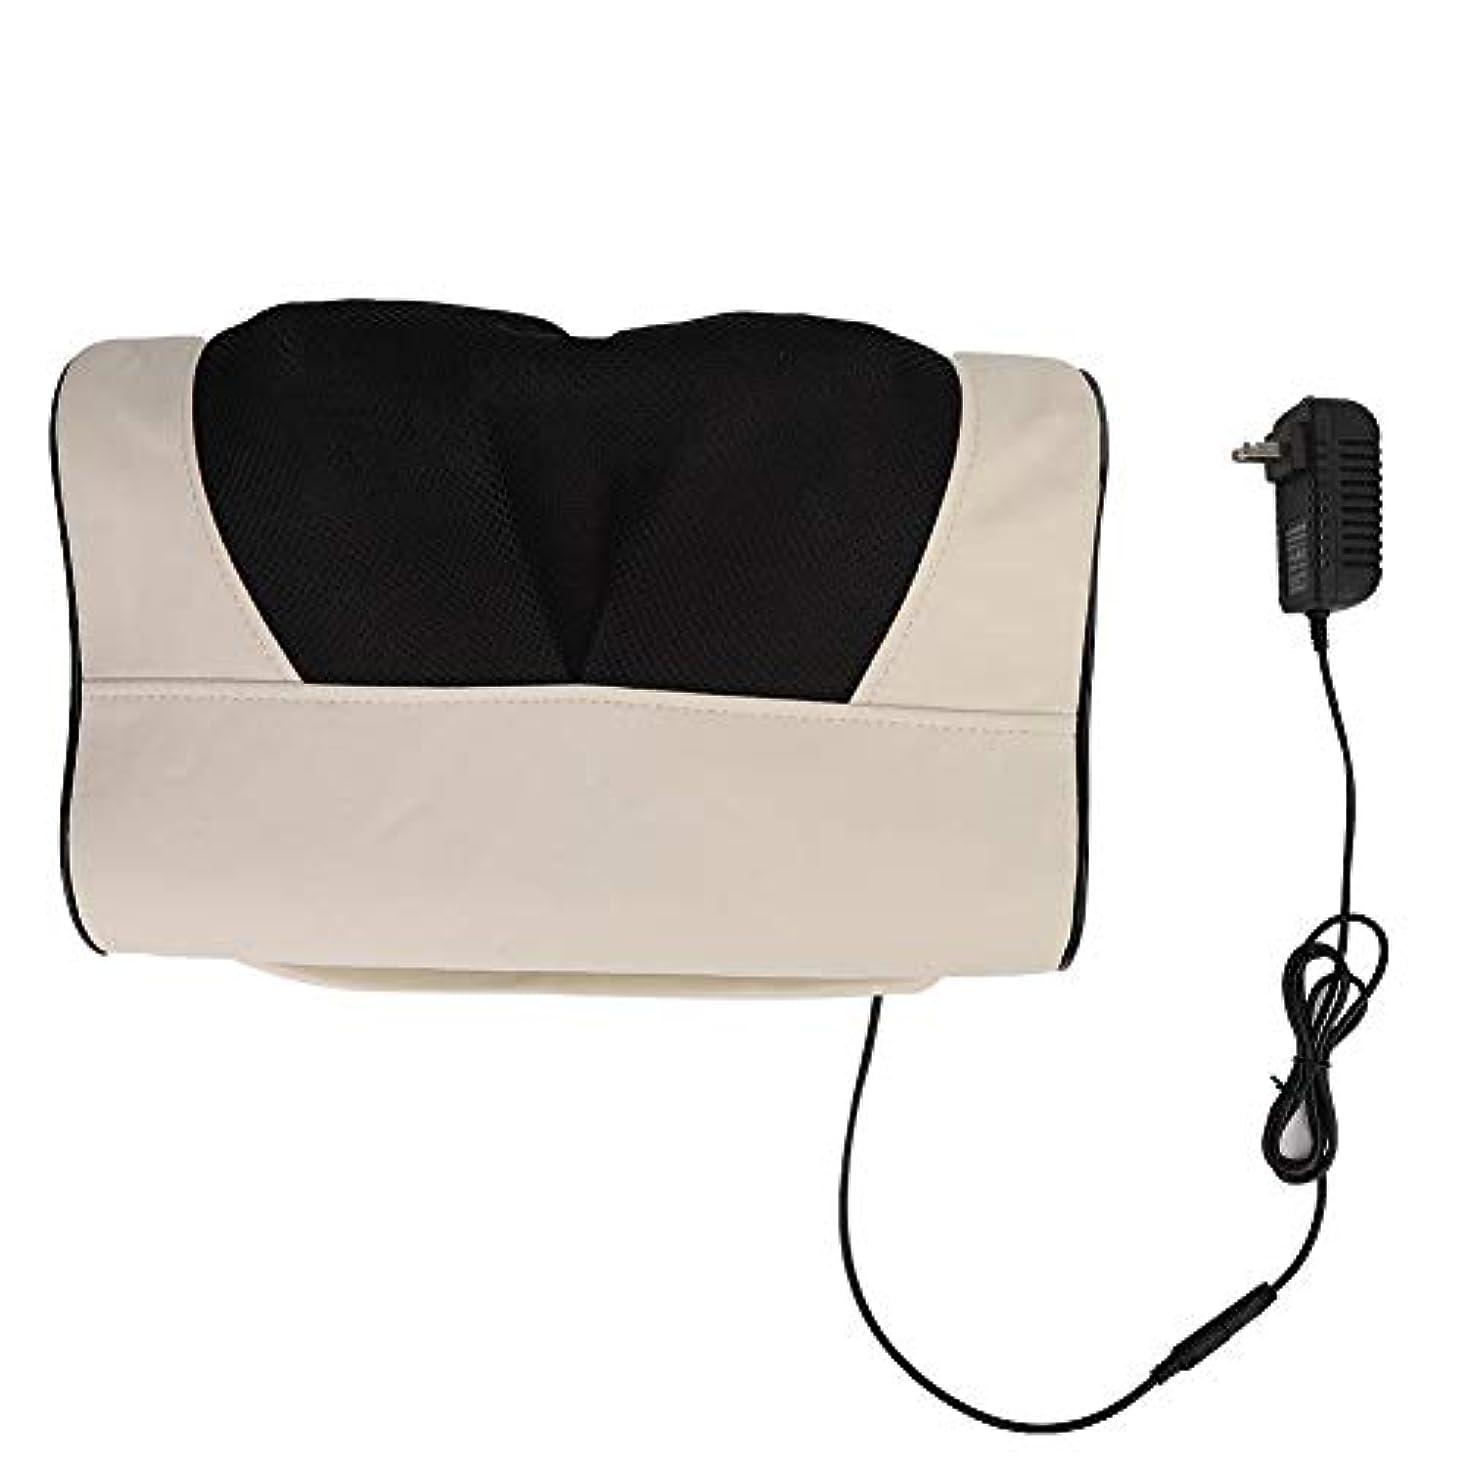 繁雑任意記事マッサージ枕、多機能頸椎ネックショルダーマッサージャー電動マッサージ枕